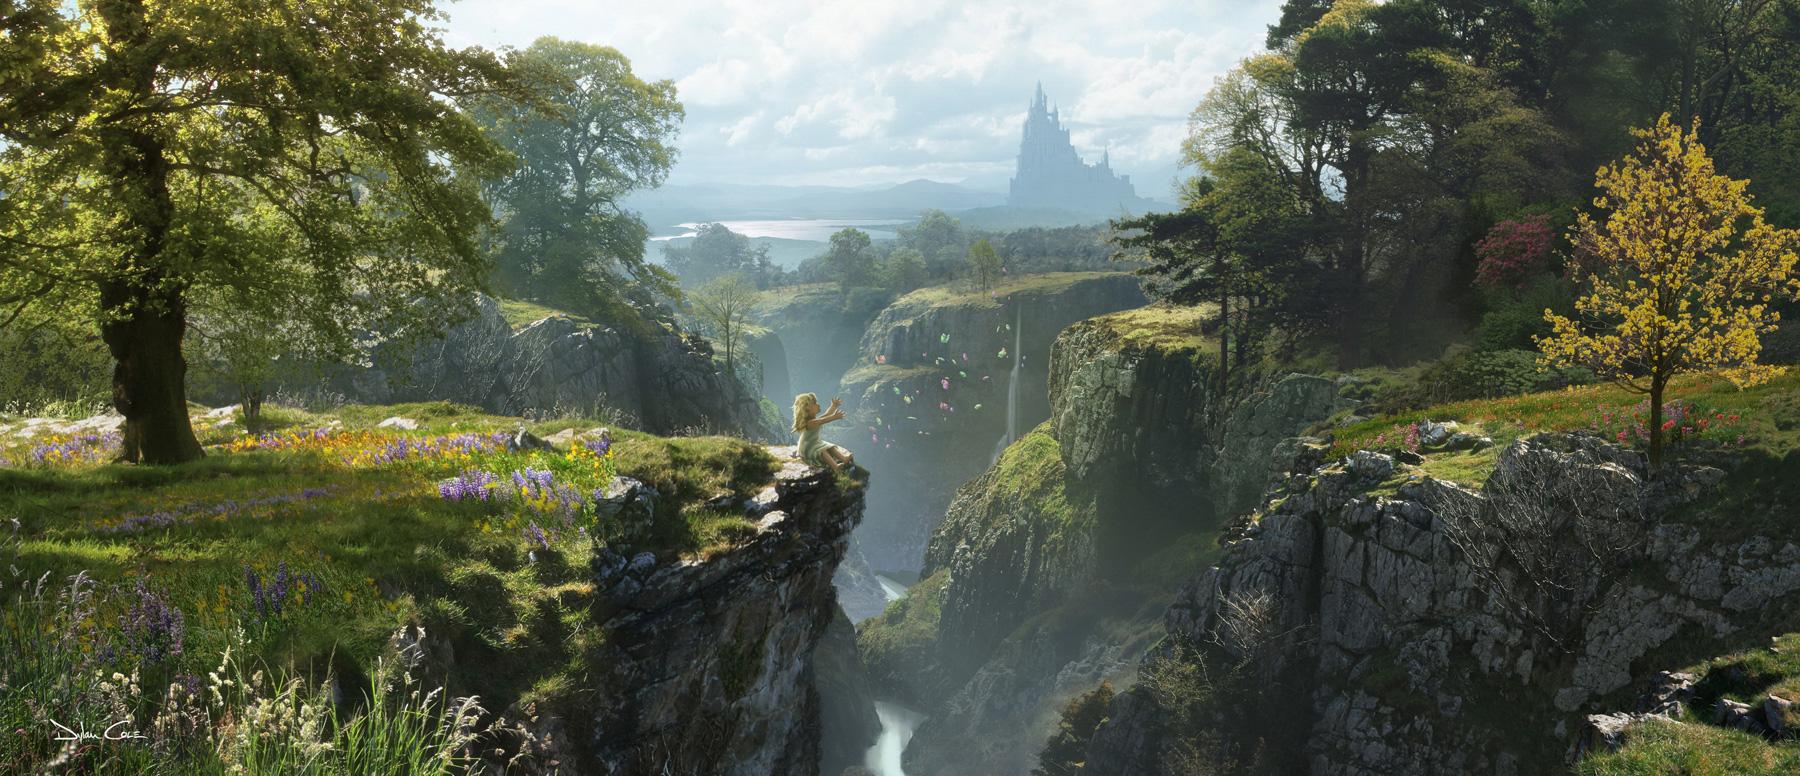 美しすぎるディズニーのファンタジー世界ですね